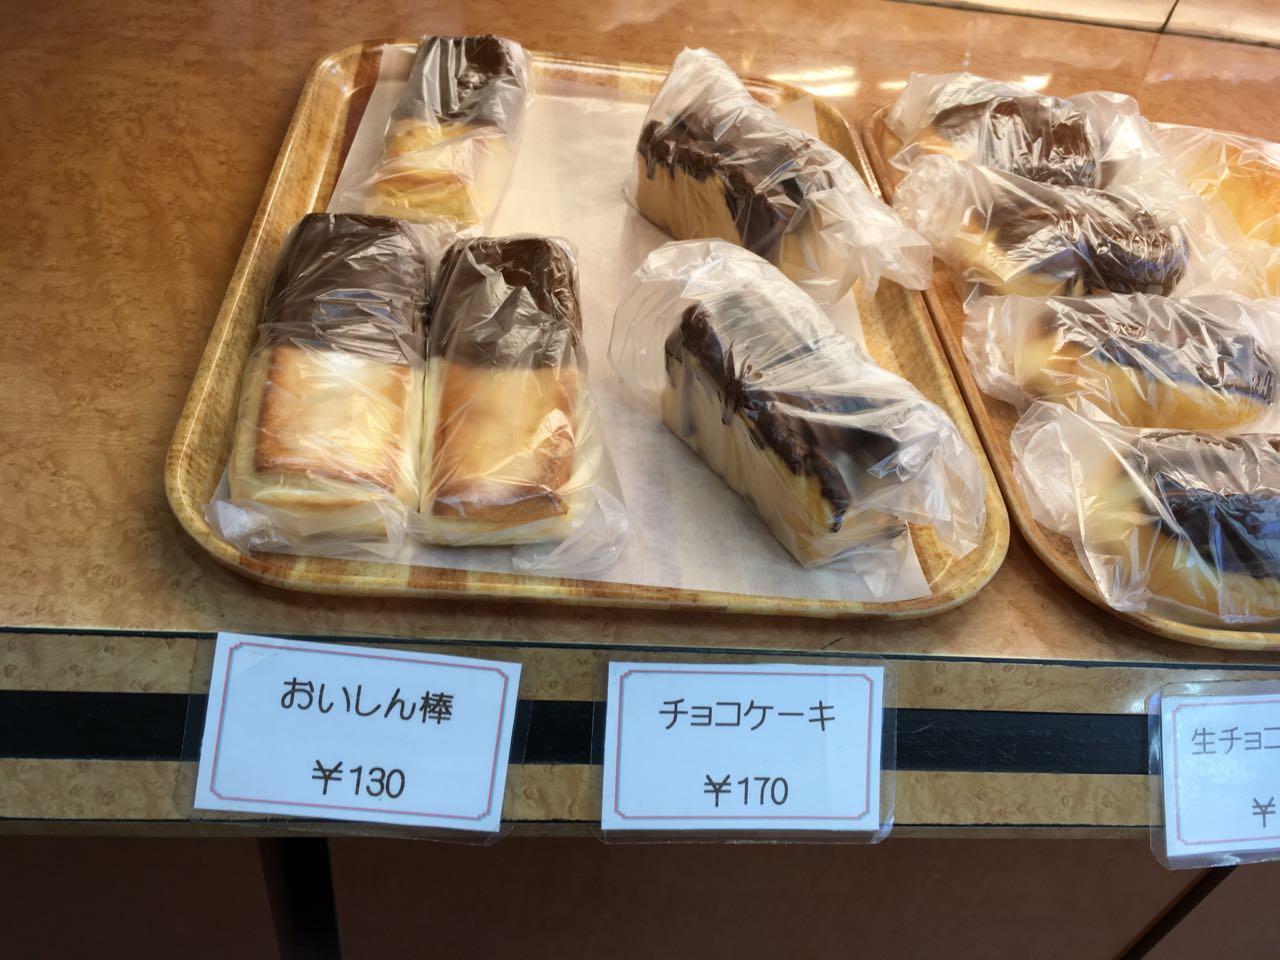 みとん今治,パン,くみあいマーケット,郷,郷本町